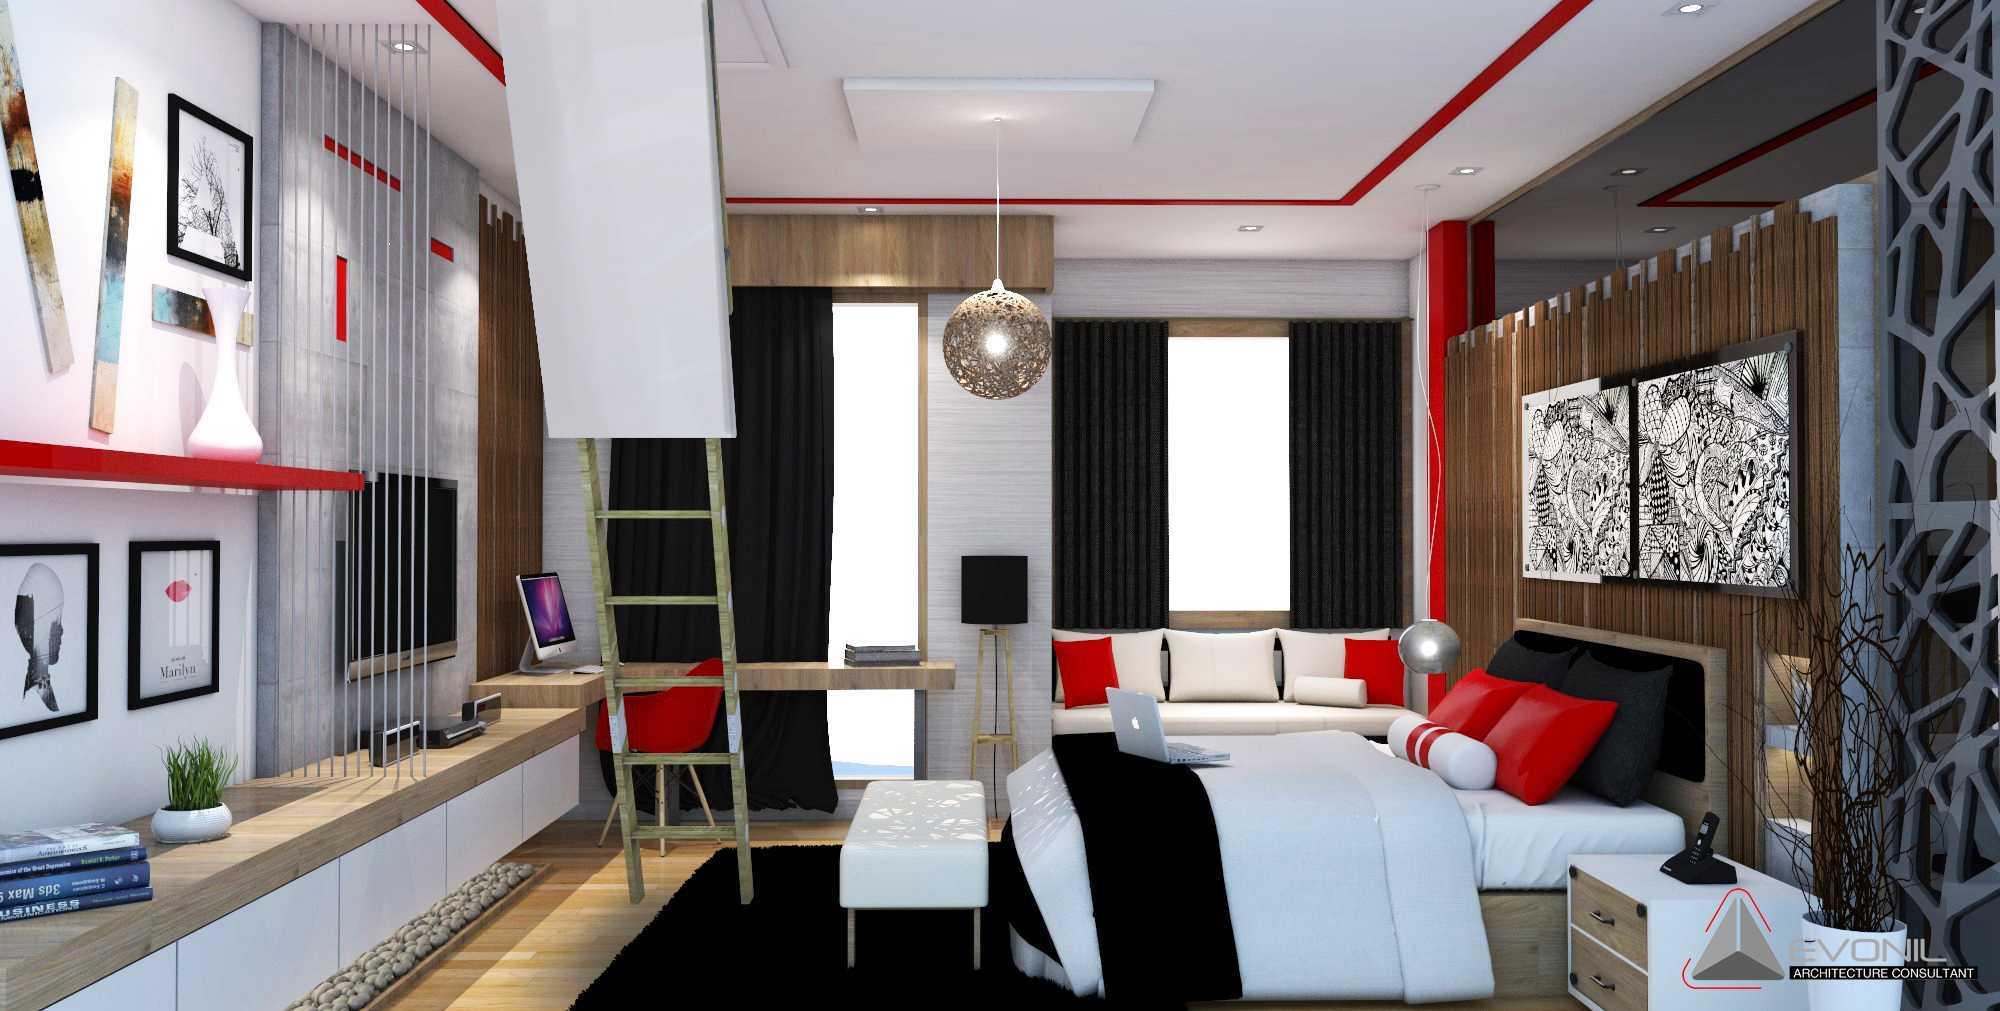 Evonil Architecture Residence Jatiwaringin Jatiwaringin, Jakarta Jatiwaringin, Jakarta Children-Bedroom-1-Rev Tradisional  13048